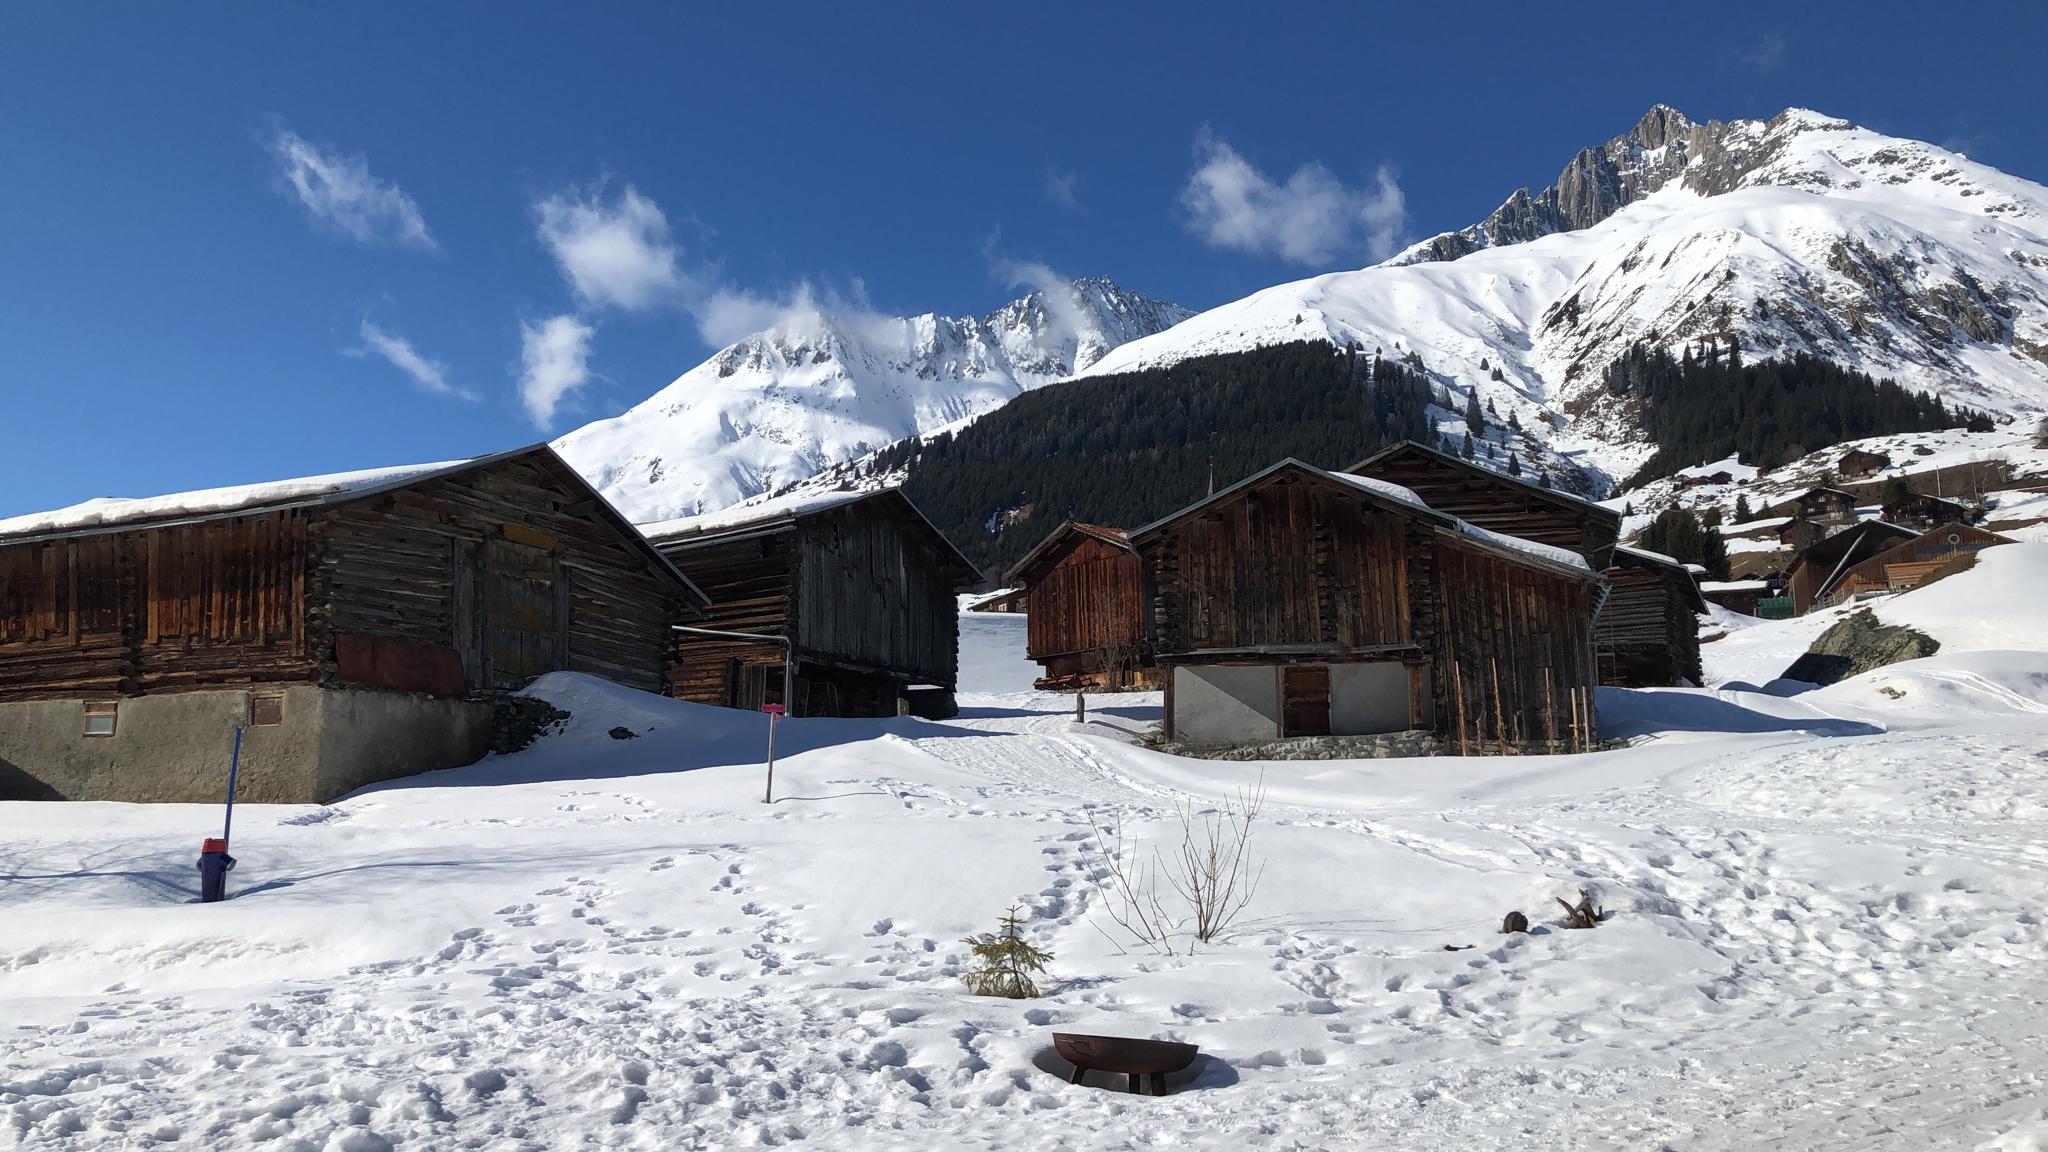 Skilager 2020 Dienstag-WA0013